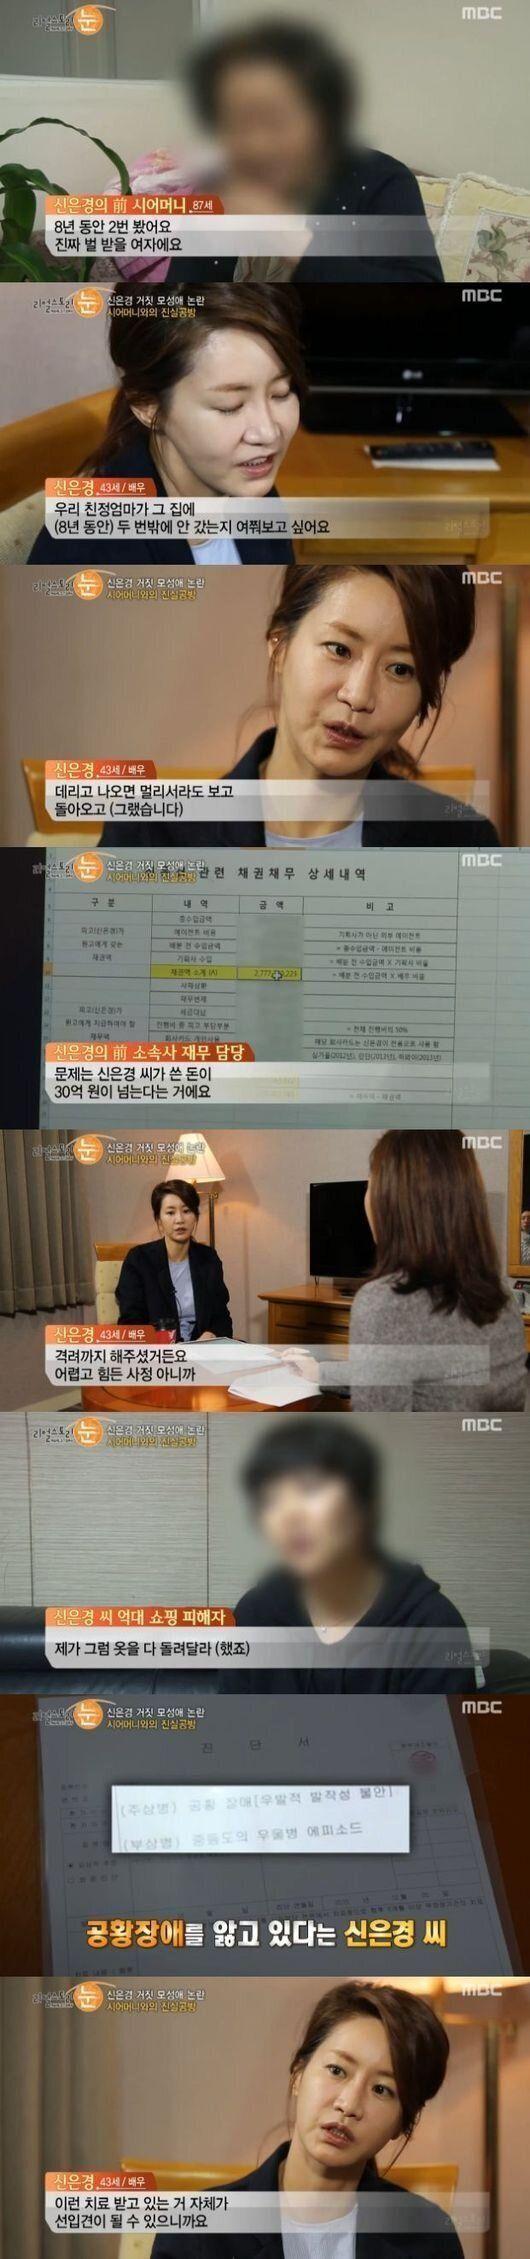 [어저께TV] '리얼스토리 눈' 신은경, 인터뷰가 독